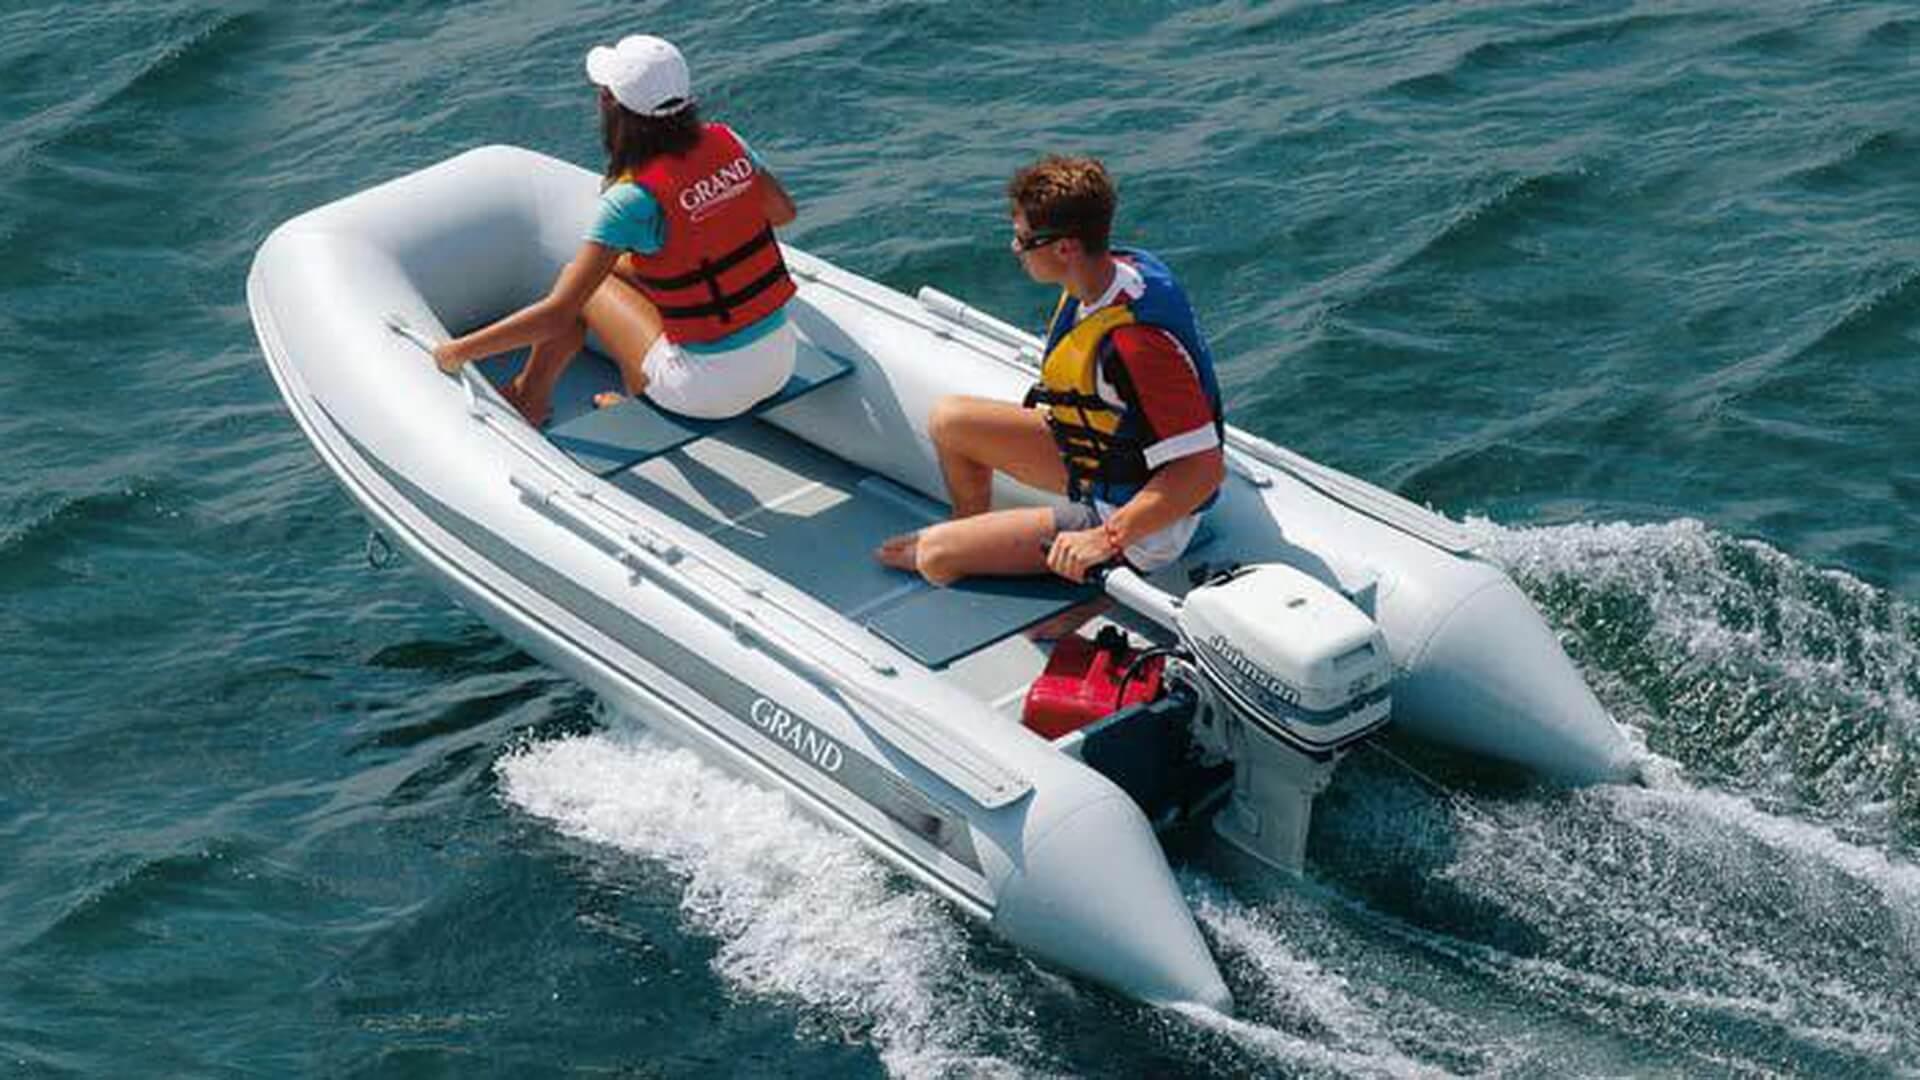 Складная надувная лодка с настилом GRAND Corvette C360, Надувная лодка Corvette C360, GRAND Corvette C360, GRAND C360,Надувная лодка Corvette C360A, GRAND Corvette C360A, GRAND C360A, Складная надувная лодка GRAND, Надувная лодка GRAND, Надувная лодка ГРАНД, Разборная надувная лодка с жёстким настилом, Разборная надувная лодка с надувным настилом, Fordable Boats